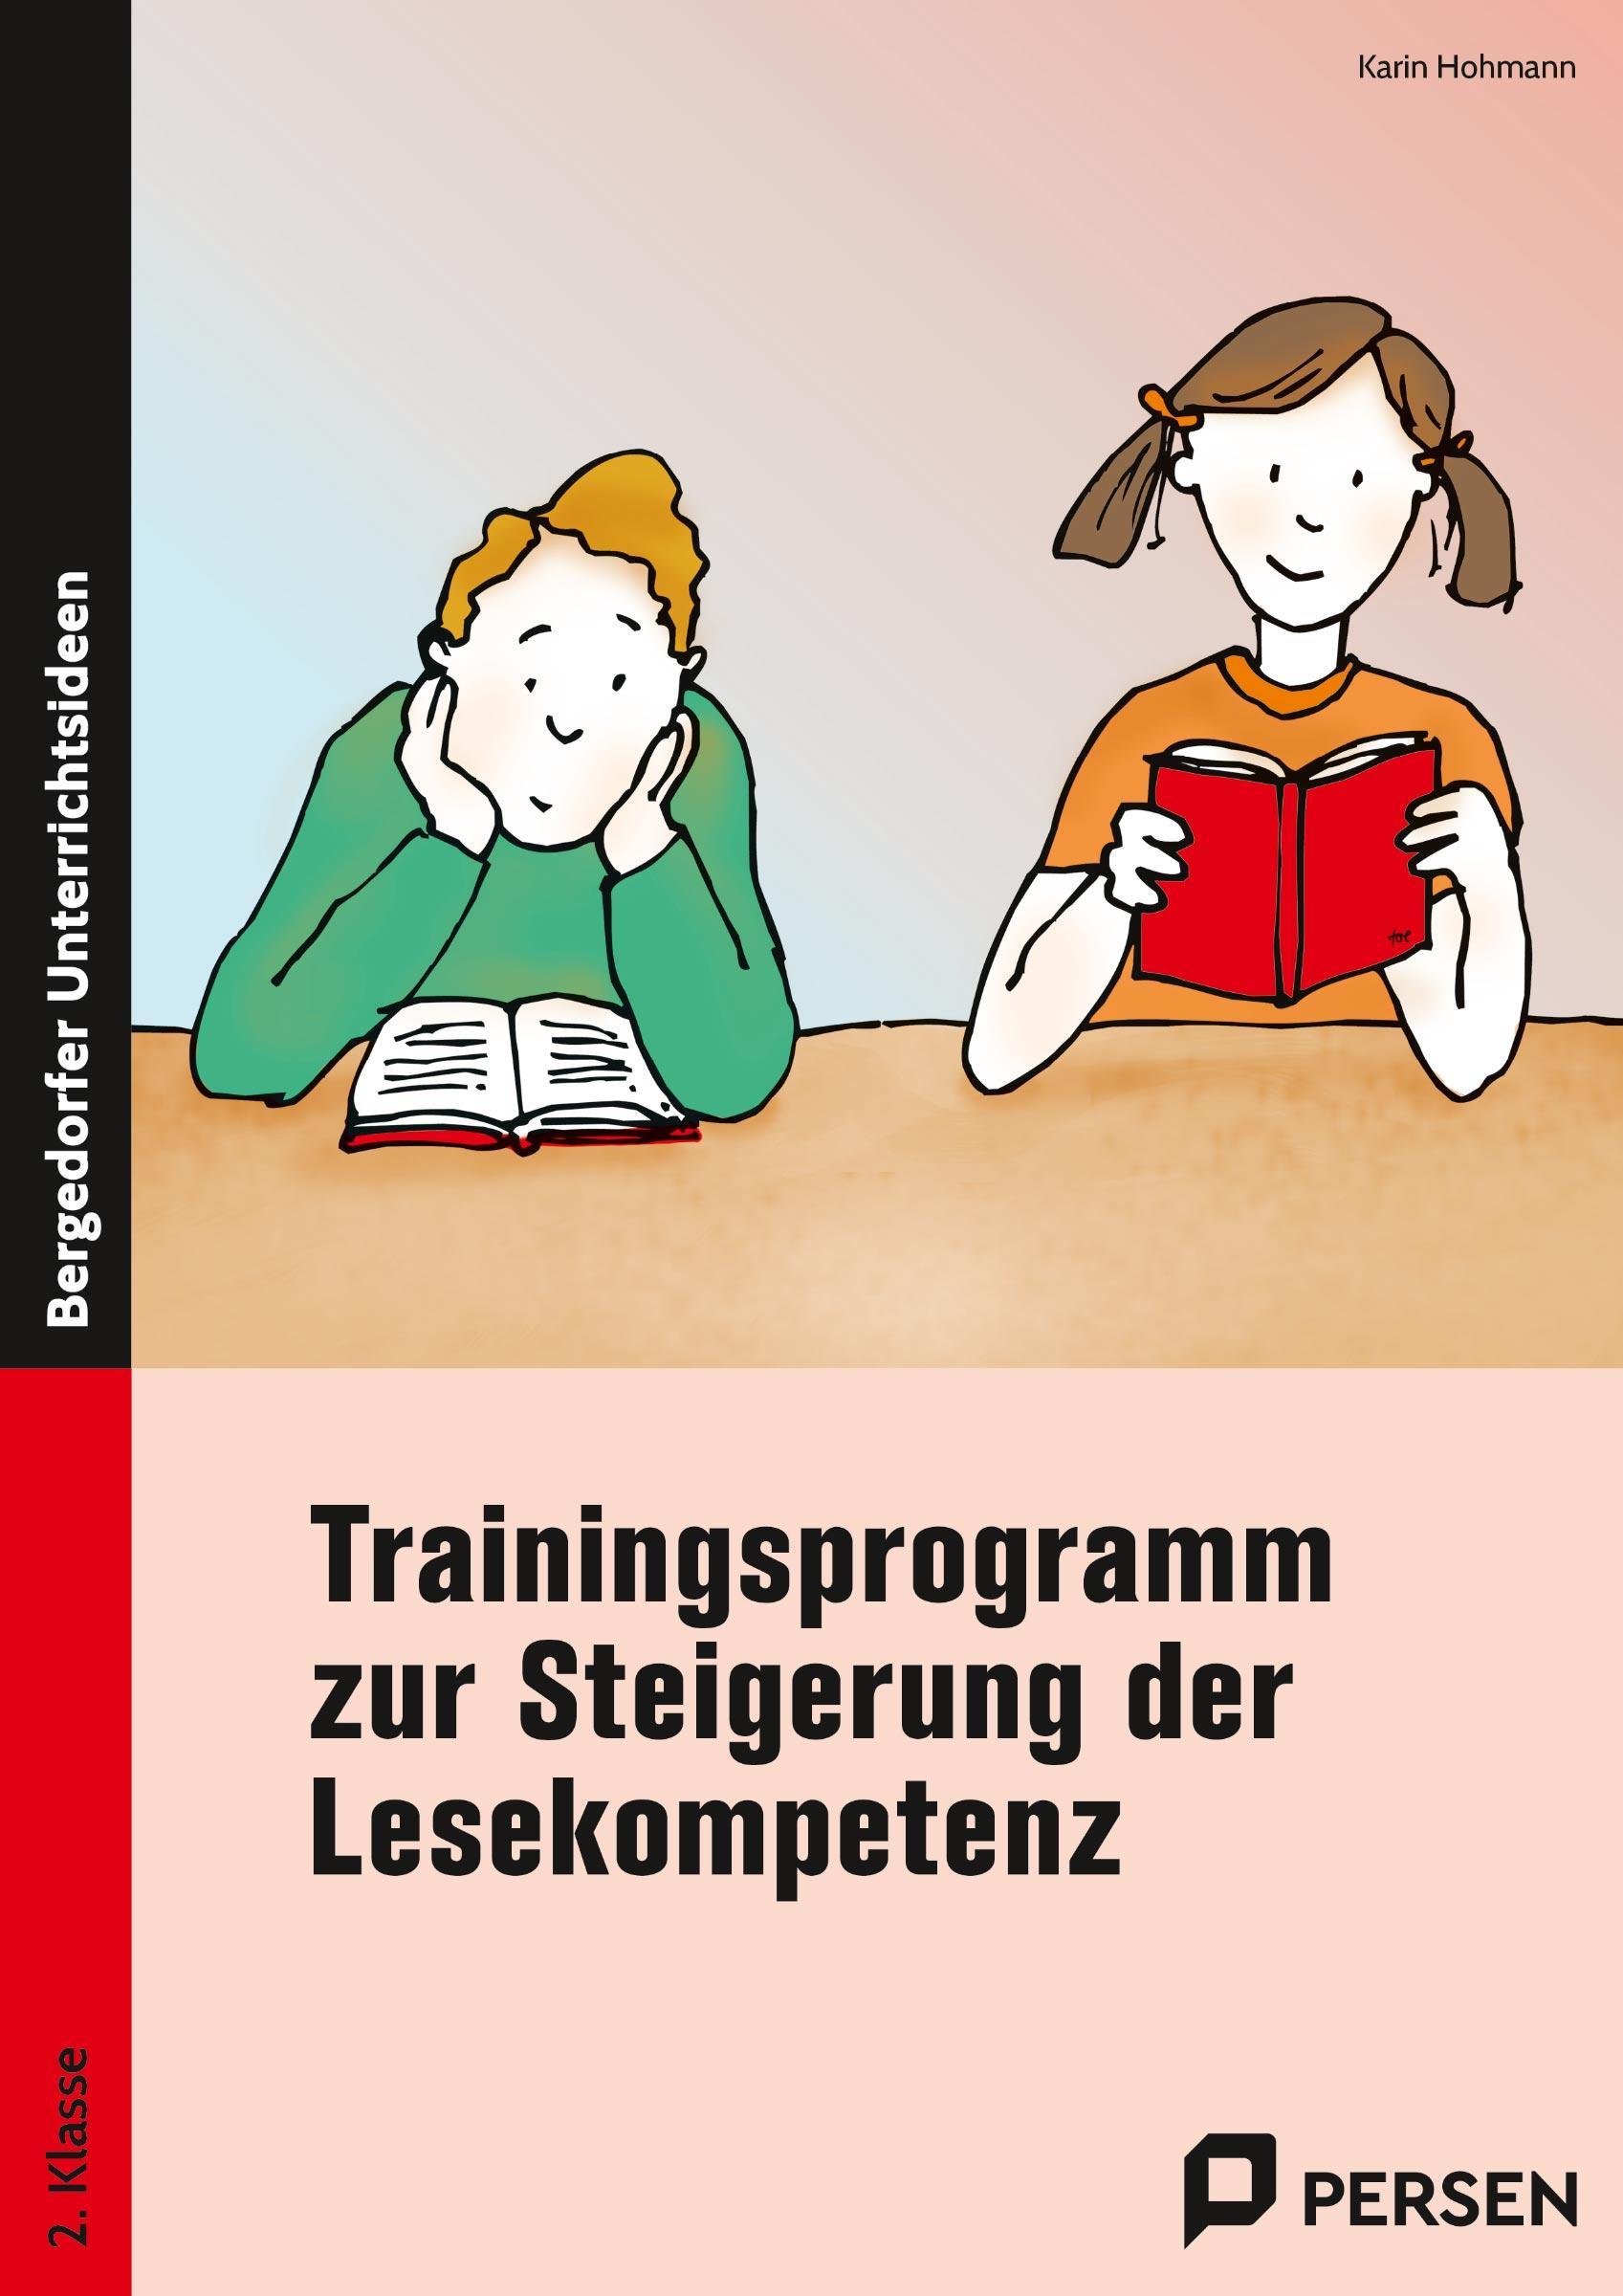 Trainingsprogramm zur Steigerung der Lesekompetenz Karin Hohmann